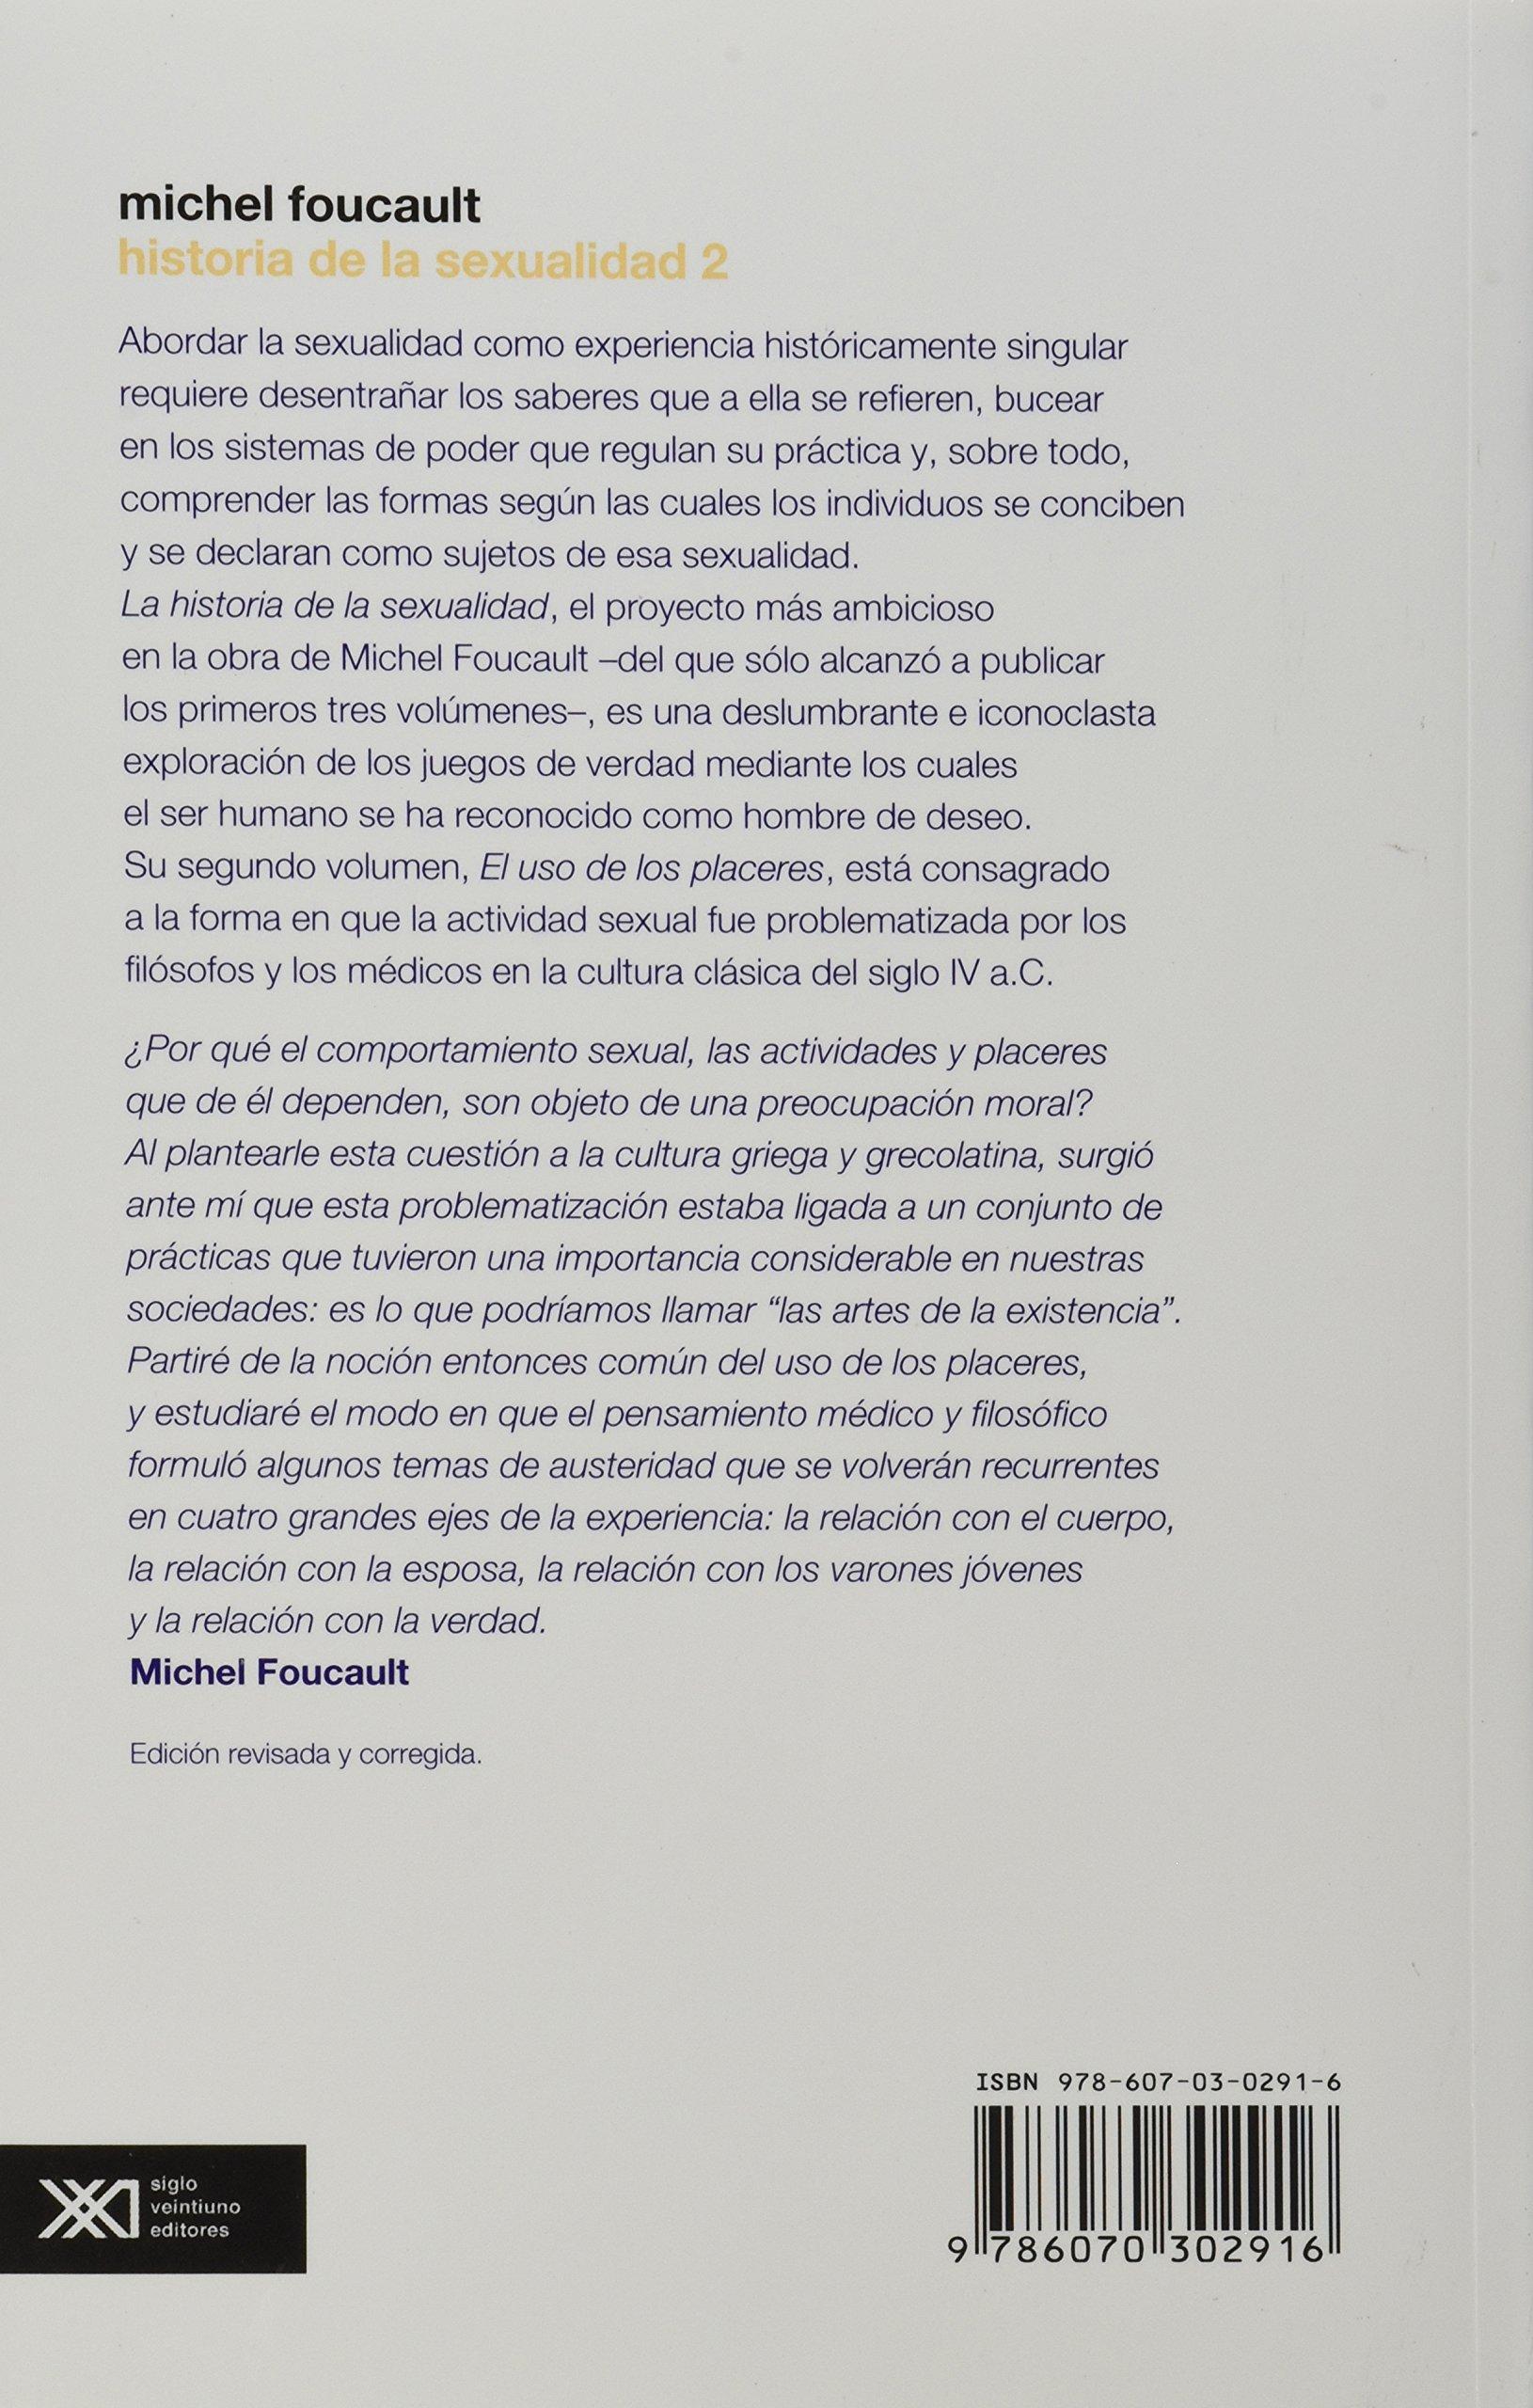 El uso de los placeres (edicion revisada y corregida) (Spanish Edition): Michel Foucault: 9786070302916: Amazon.com: Books